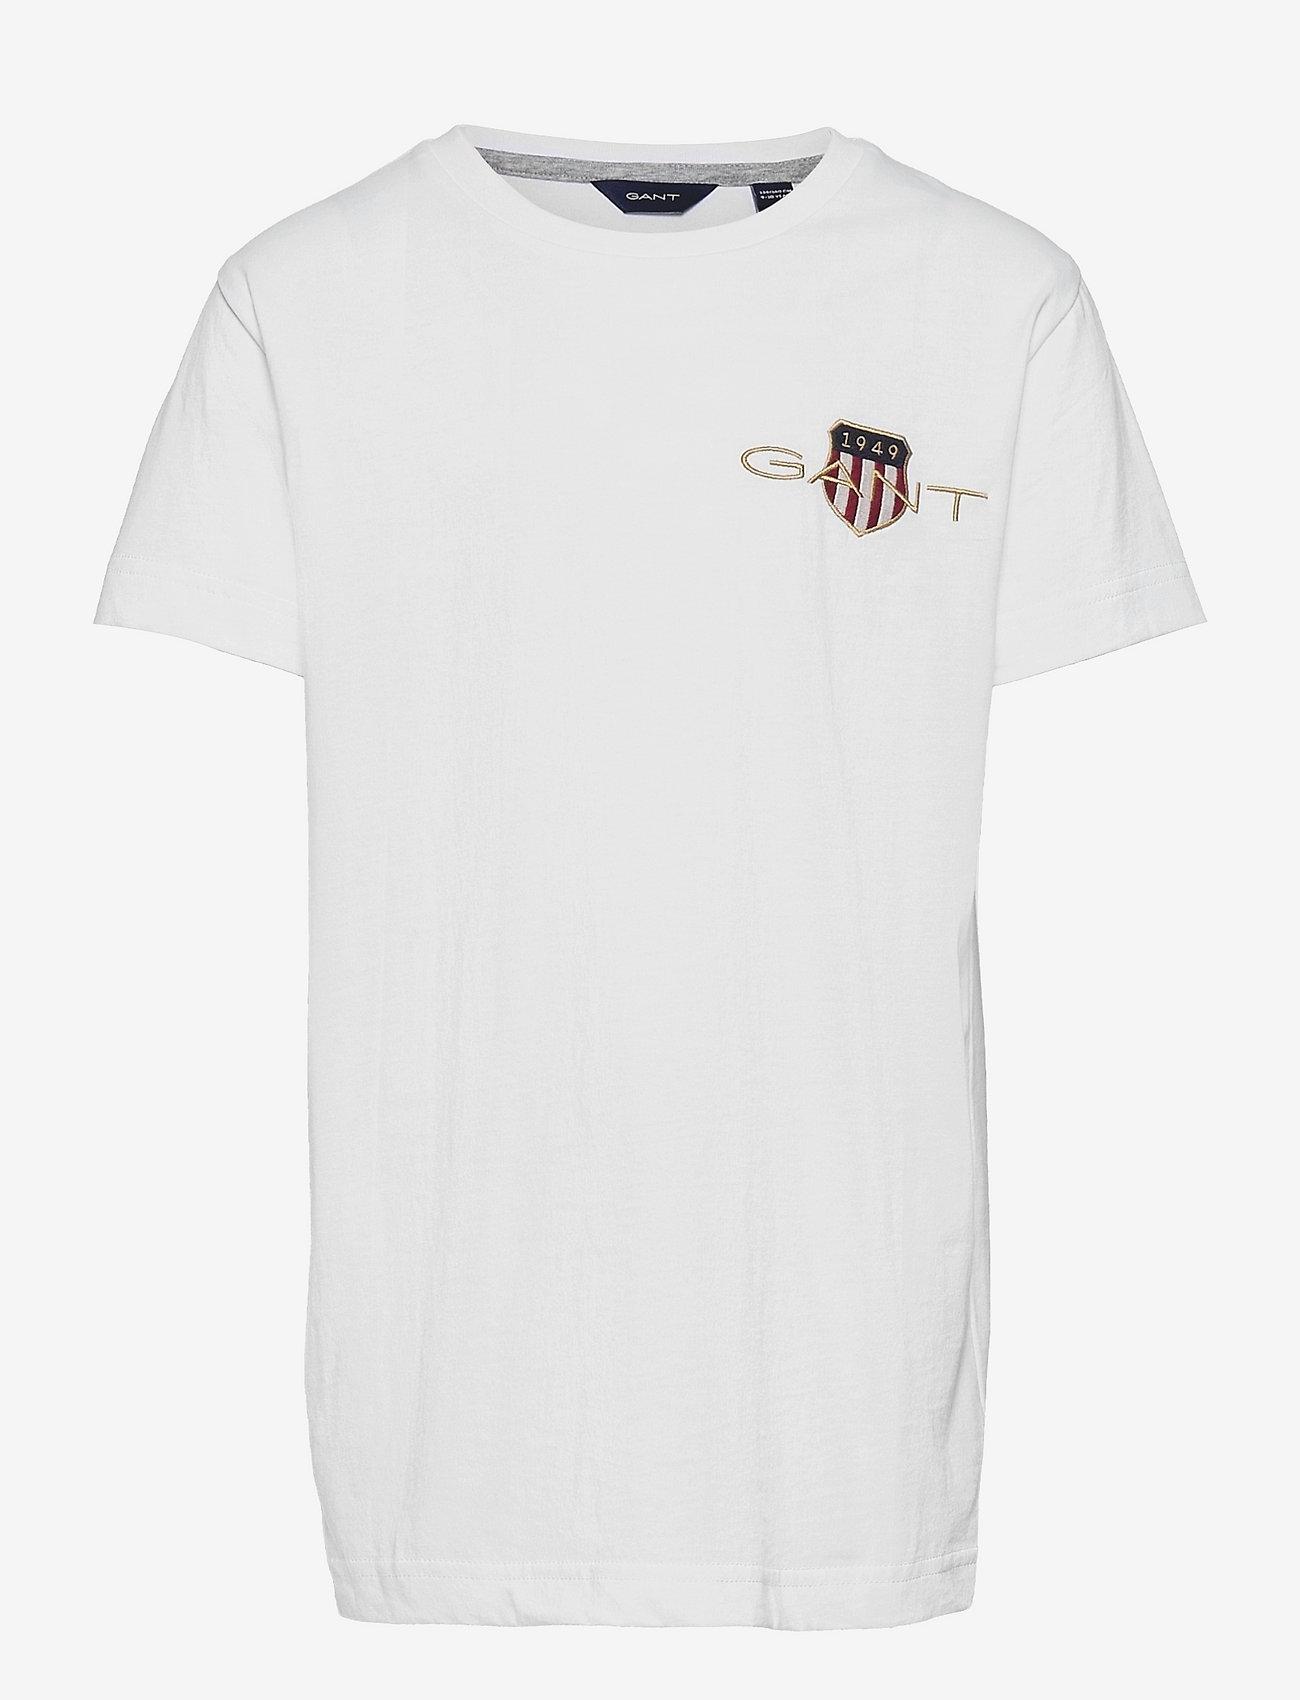 GANT - ARCHIVE SHIELD EMB SS T-SHIRT - short-sleeved - white - 0